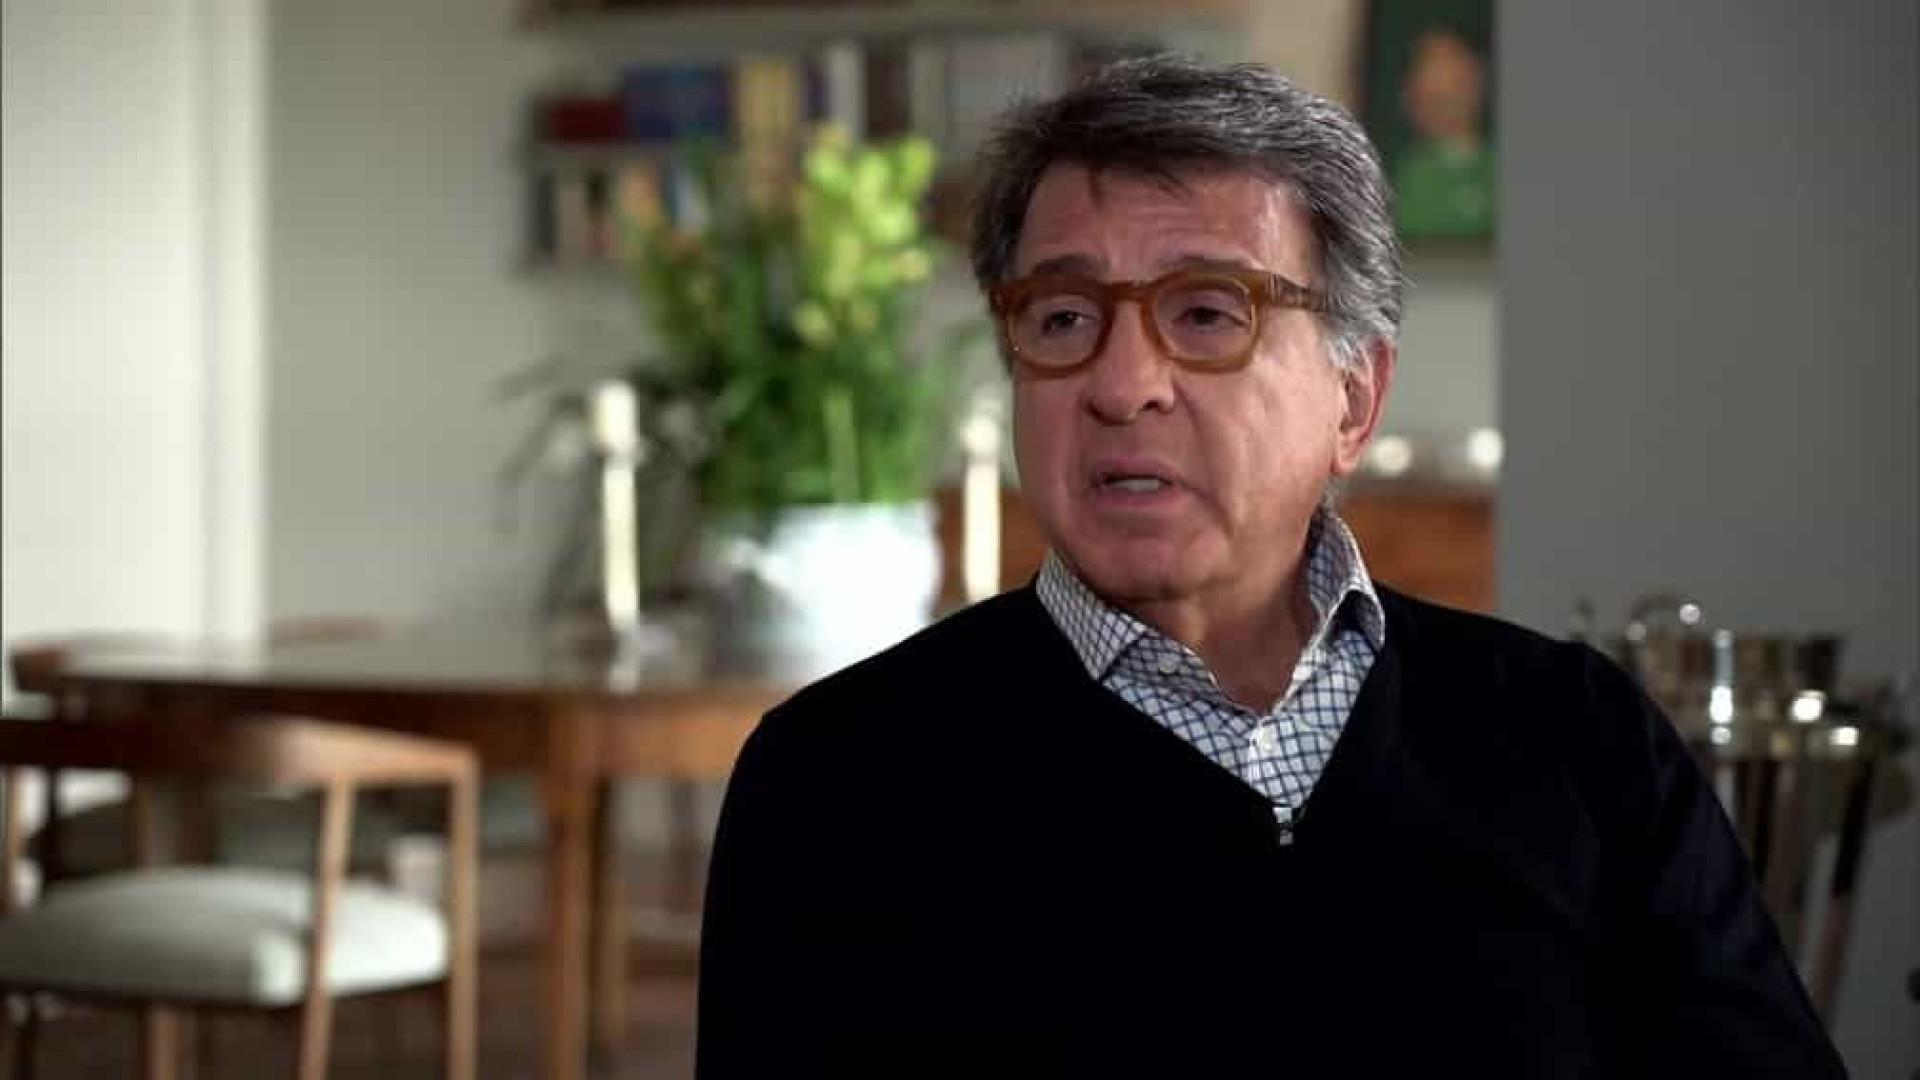 Marinho se queixa de devassa após acusações contra família Bolsonaro